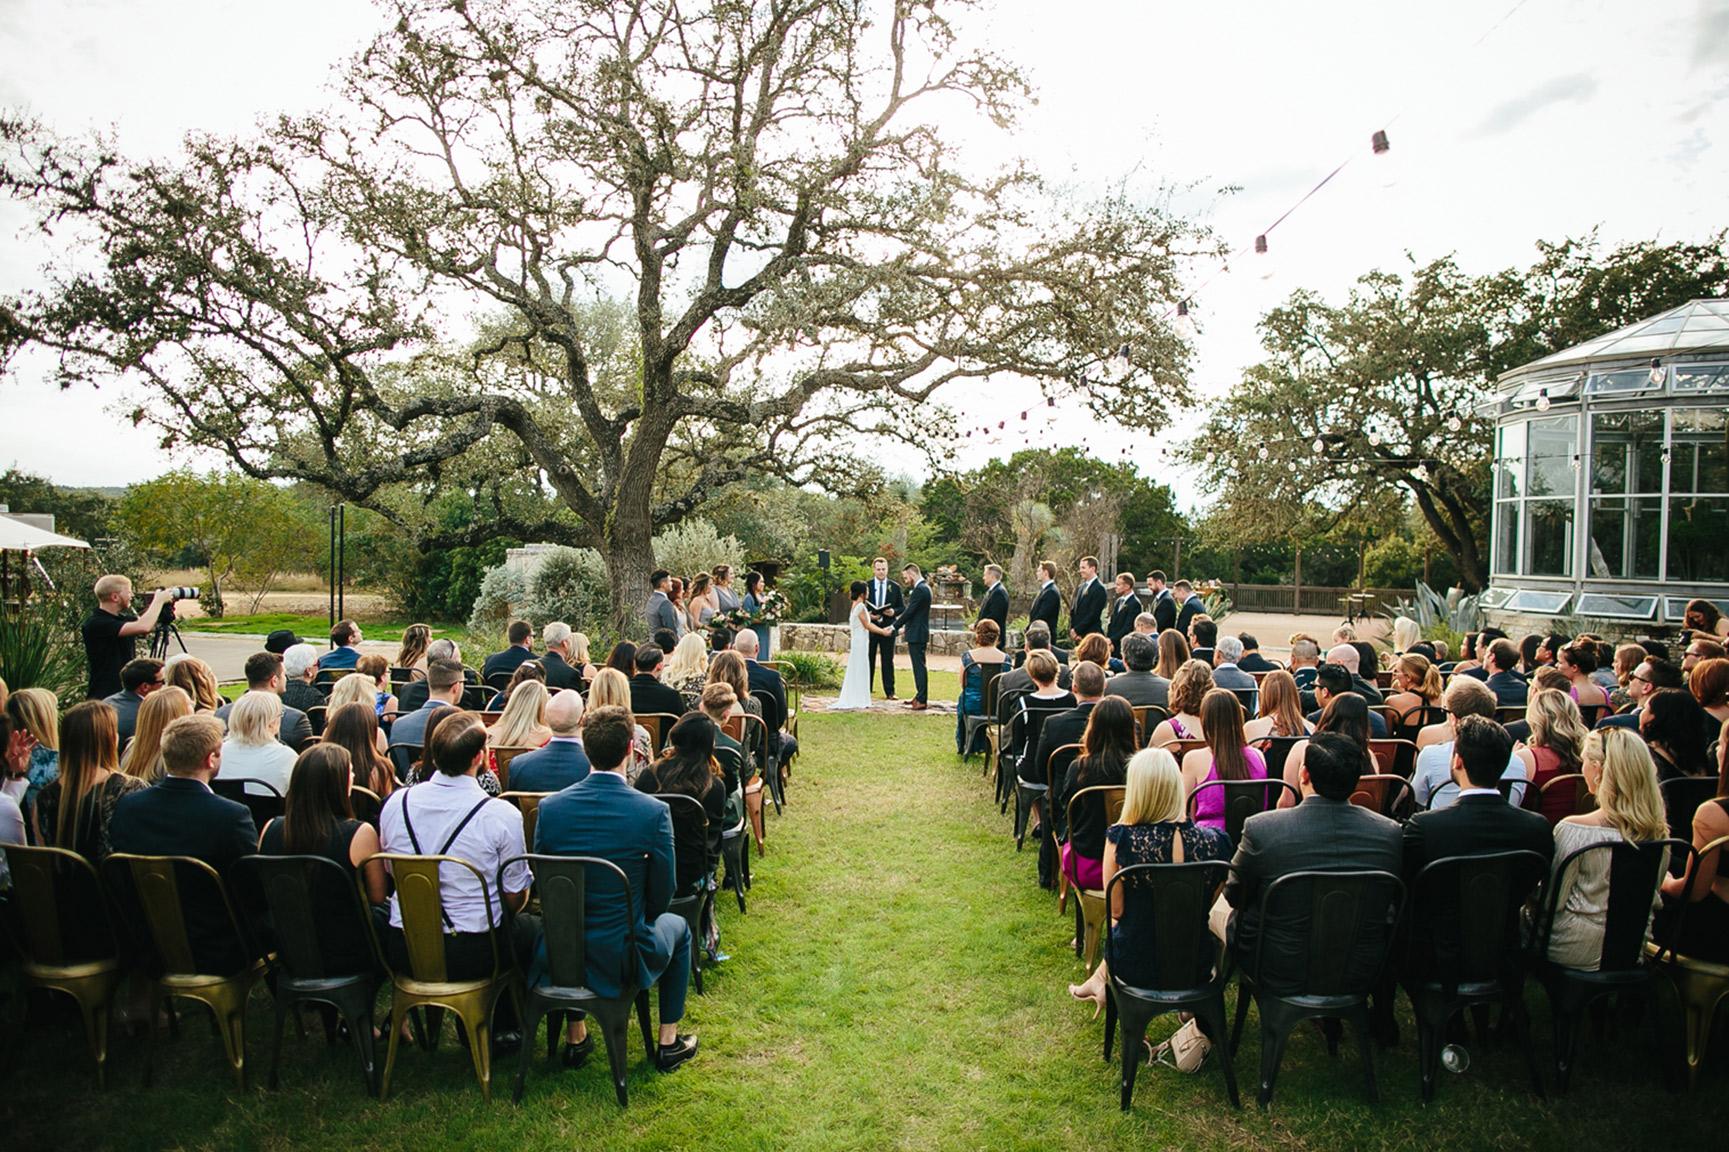 austin_WeddingPhotographer_023.jpg